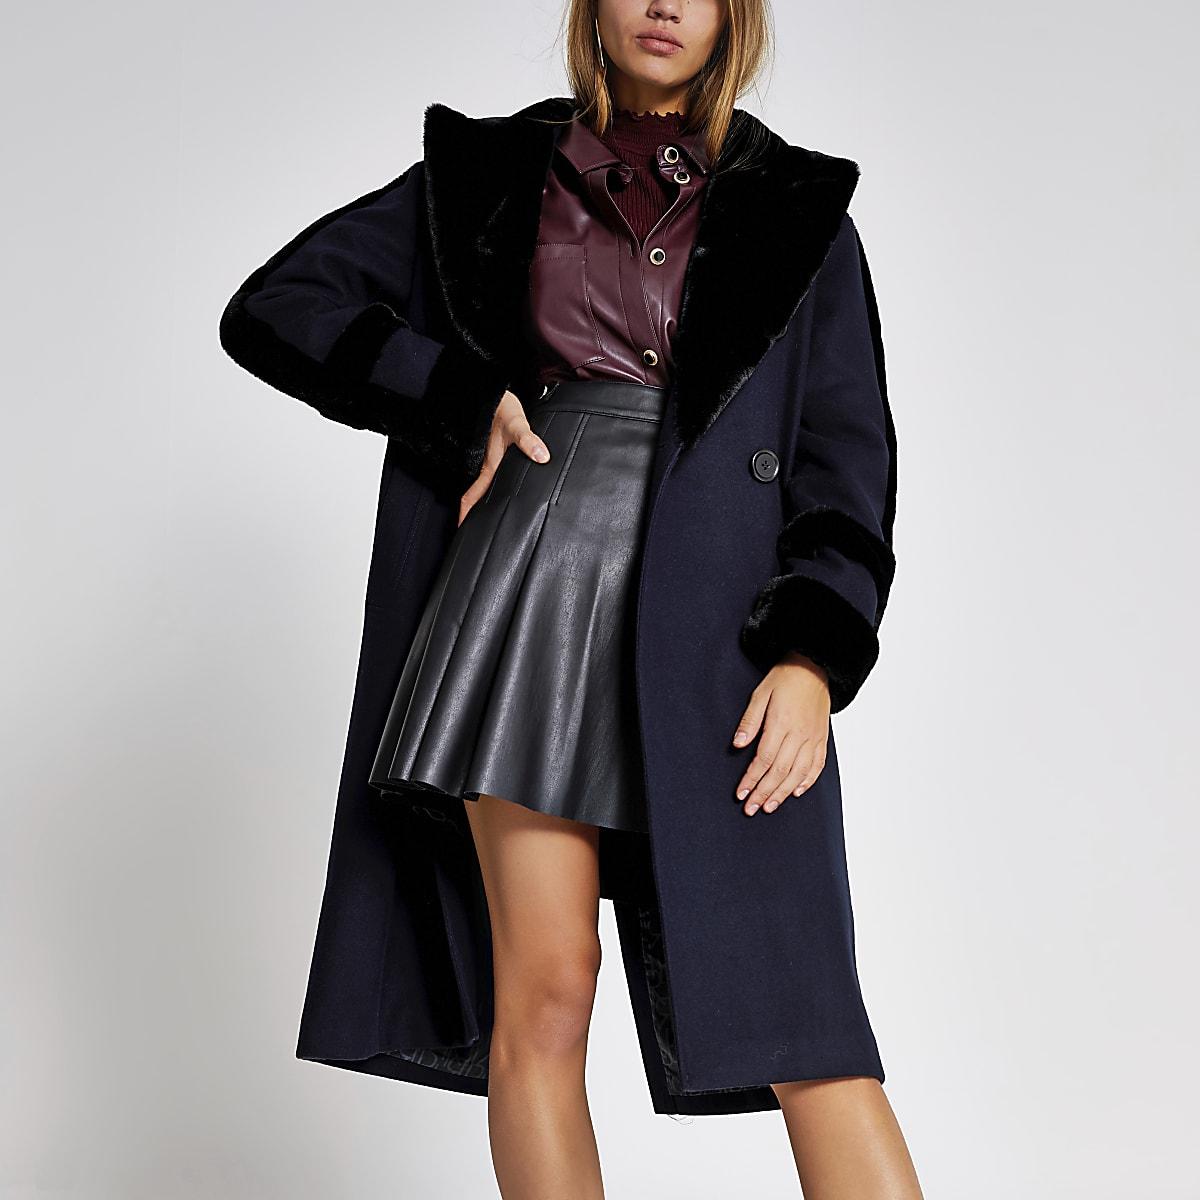 Manteau croisé bleu marine bordé de fausse fourrure